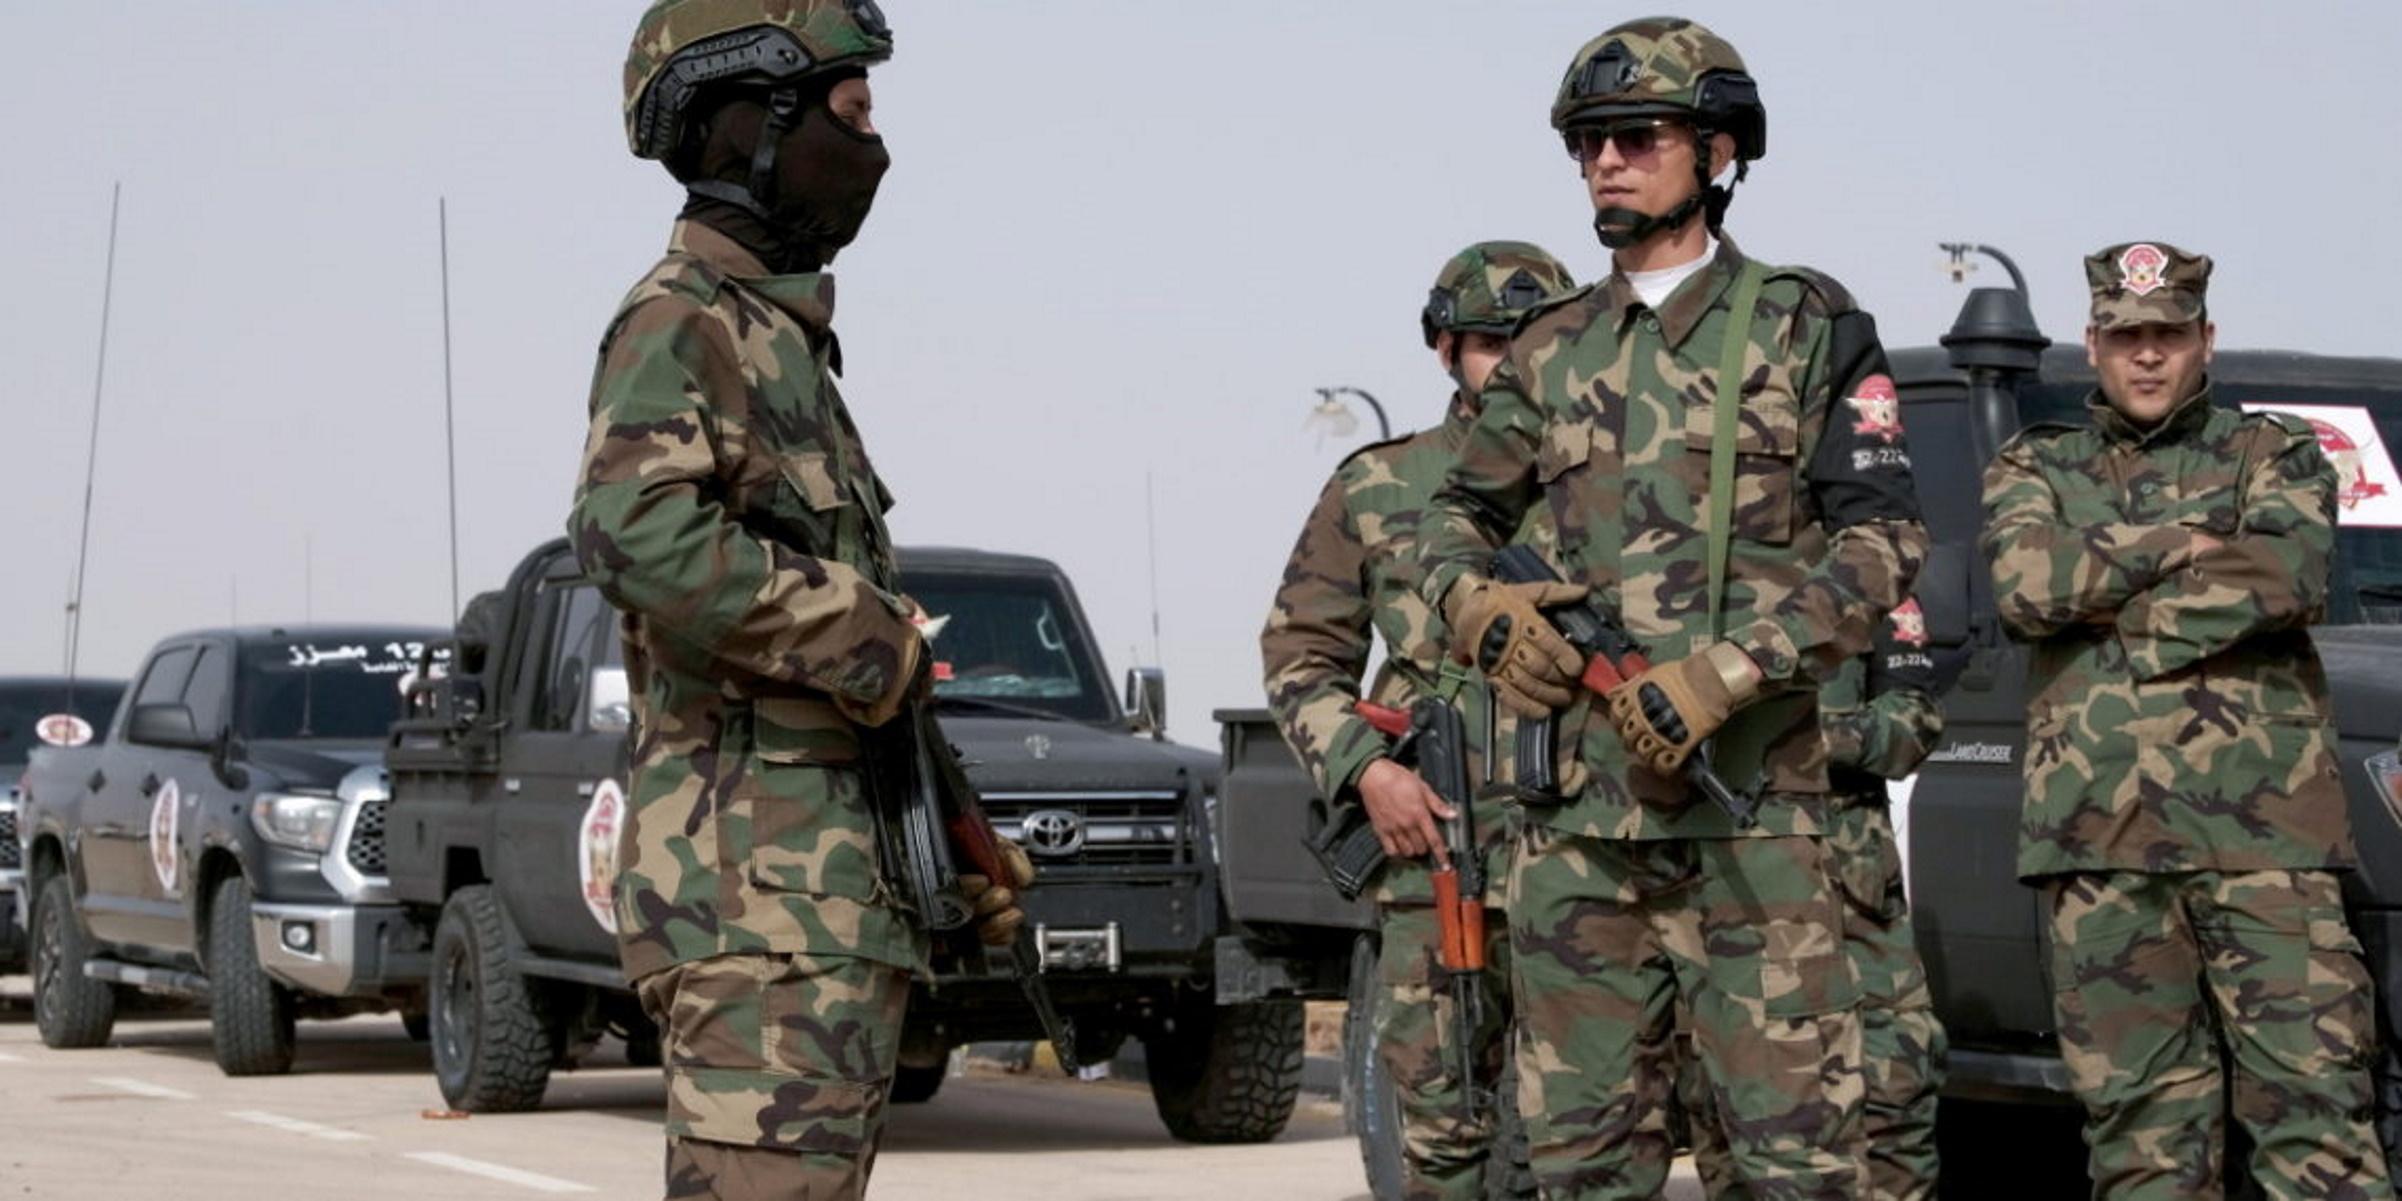 Λιβύη: Οι μισθοφόροι, η επιρροή της Άγκυρας και ο «παράγοντας» Χάφταρ